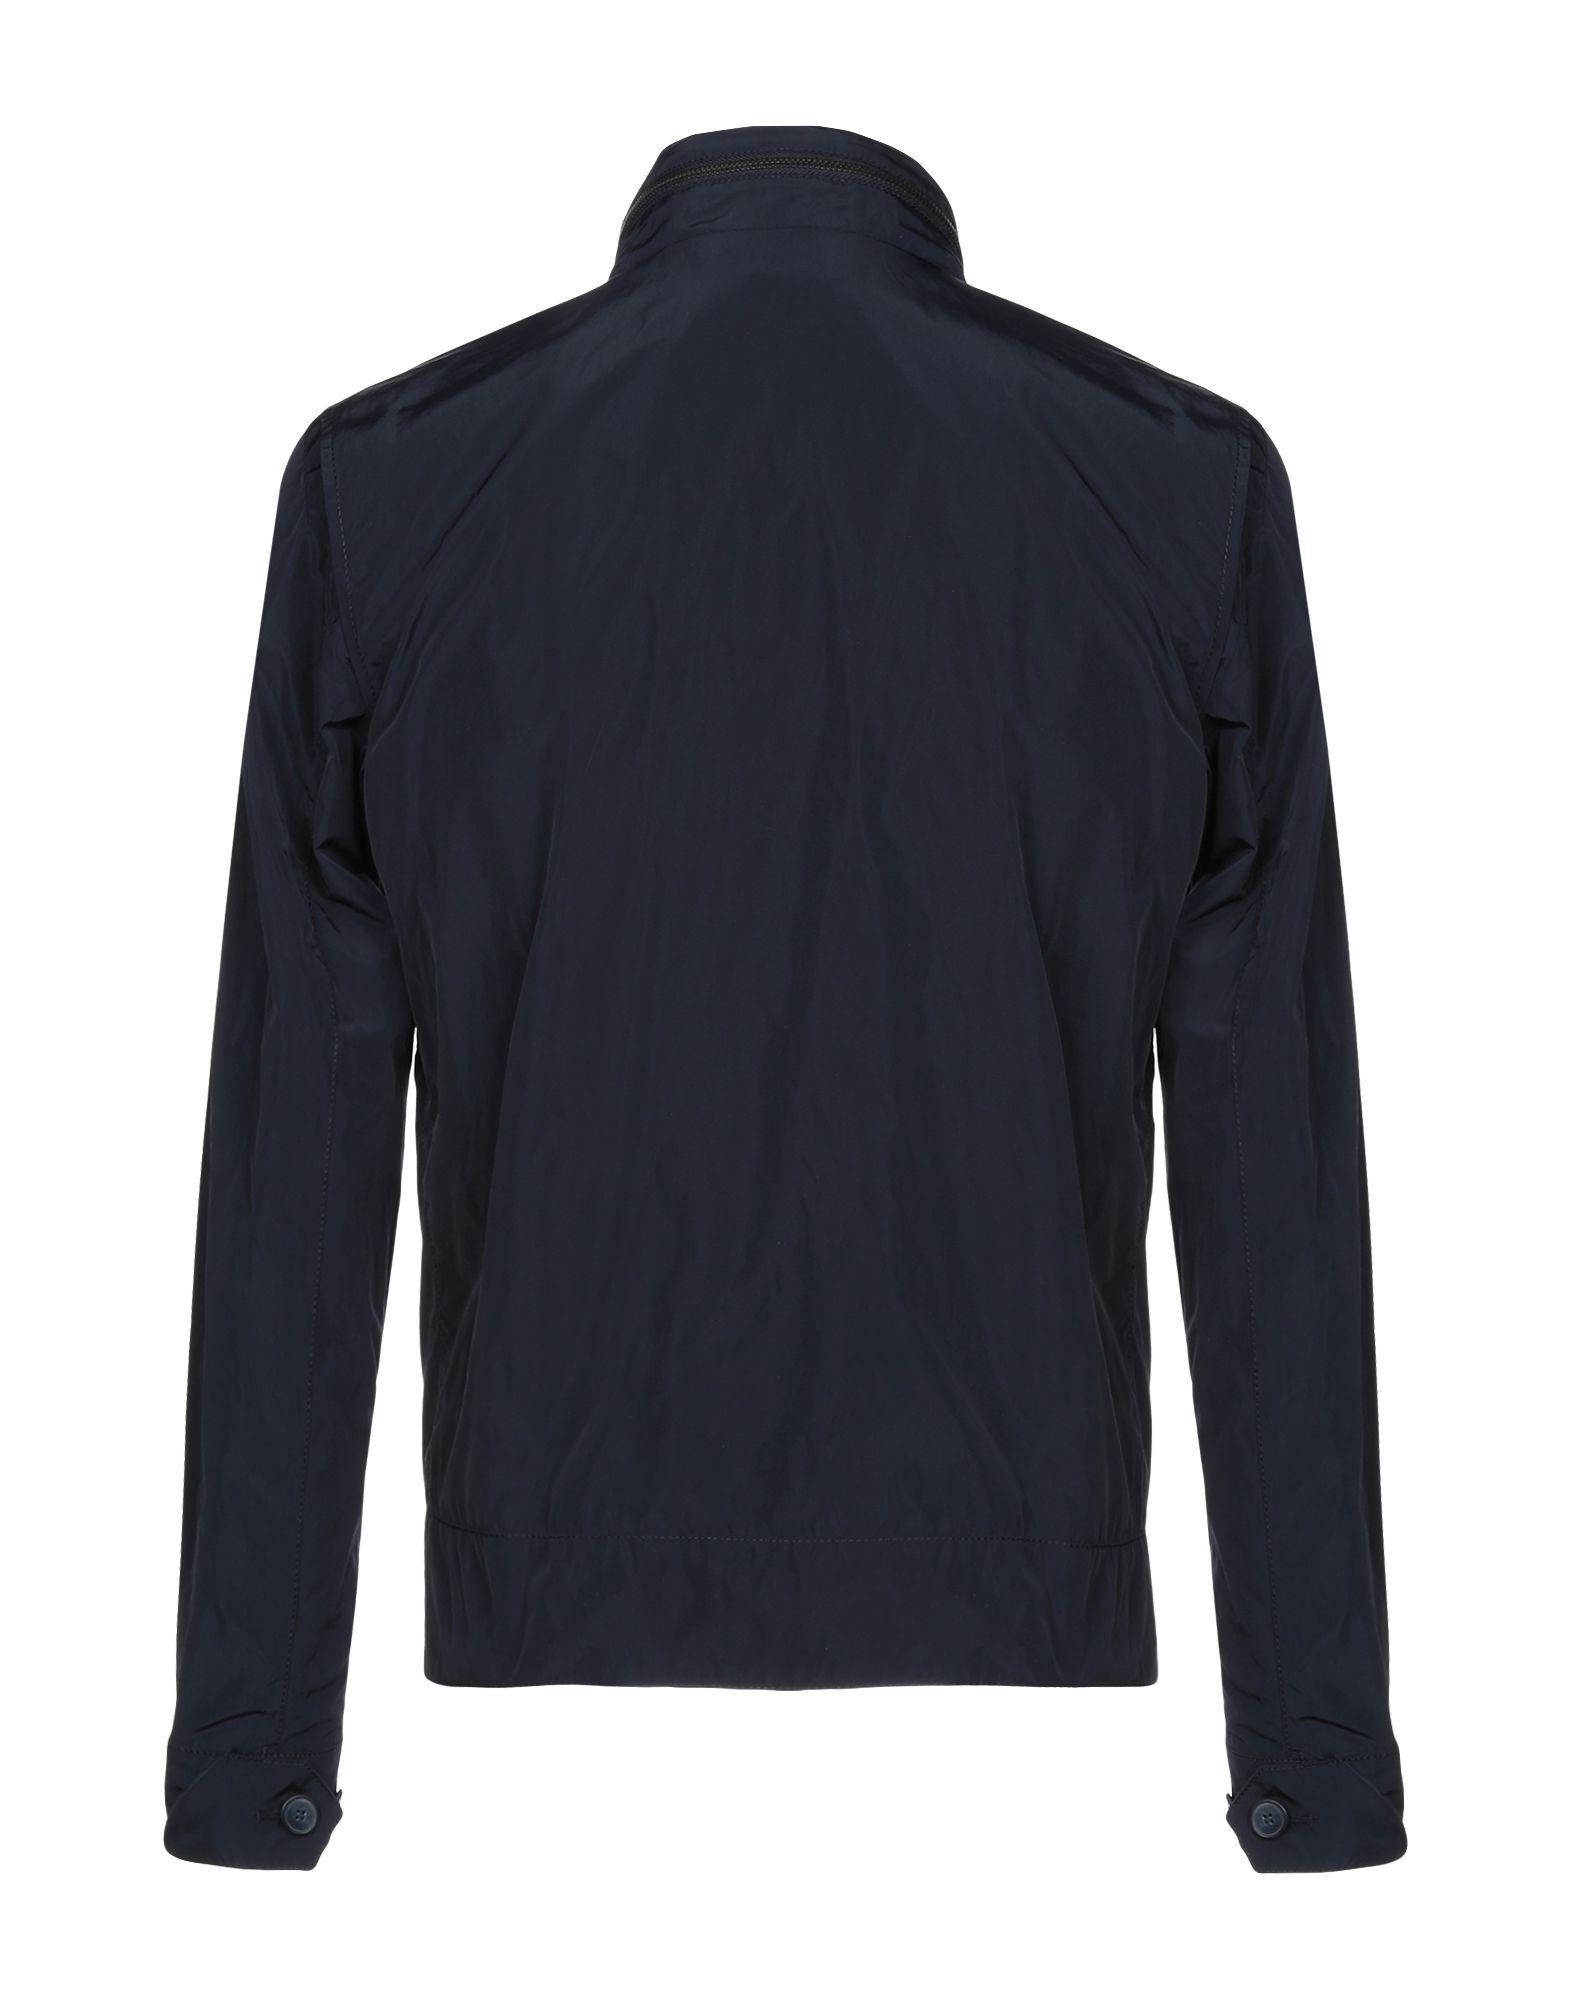 COATS & JACKETS Messagerie Dark blue Man Polyester